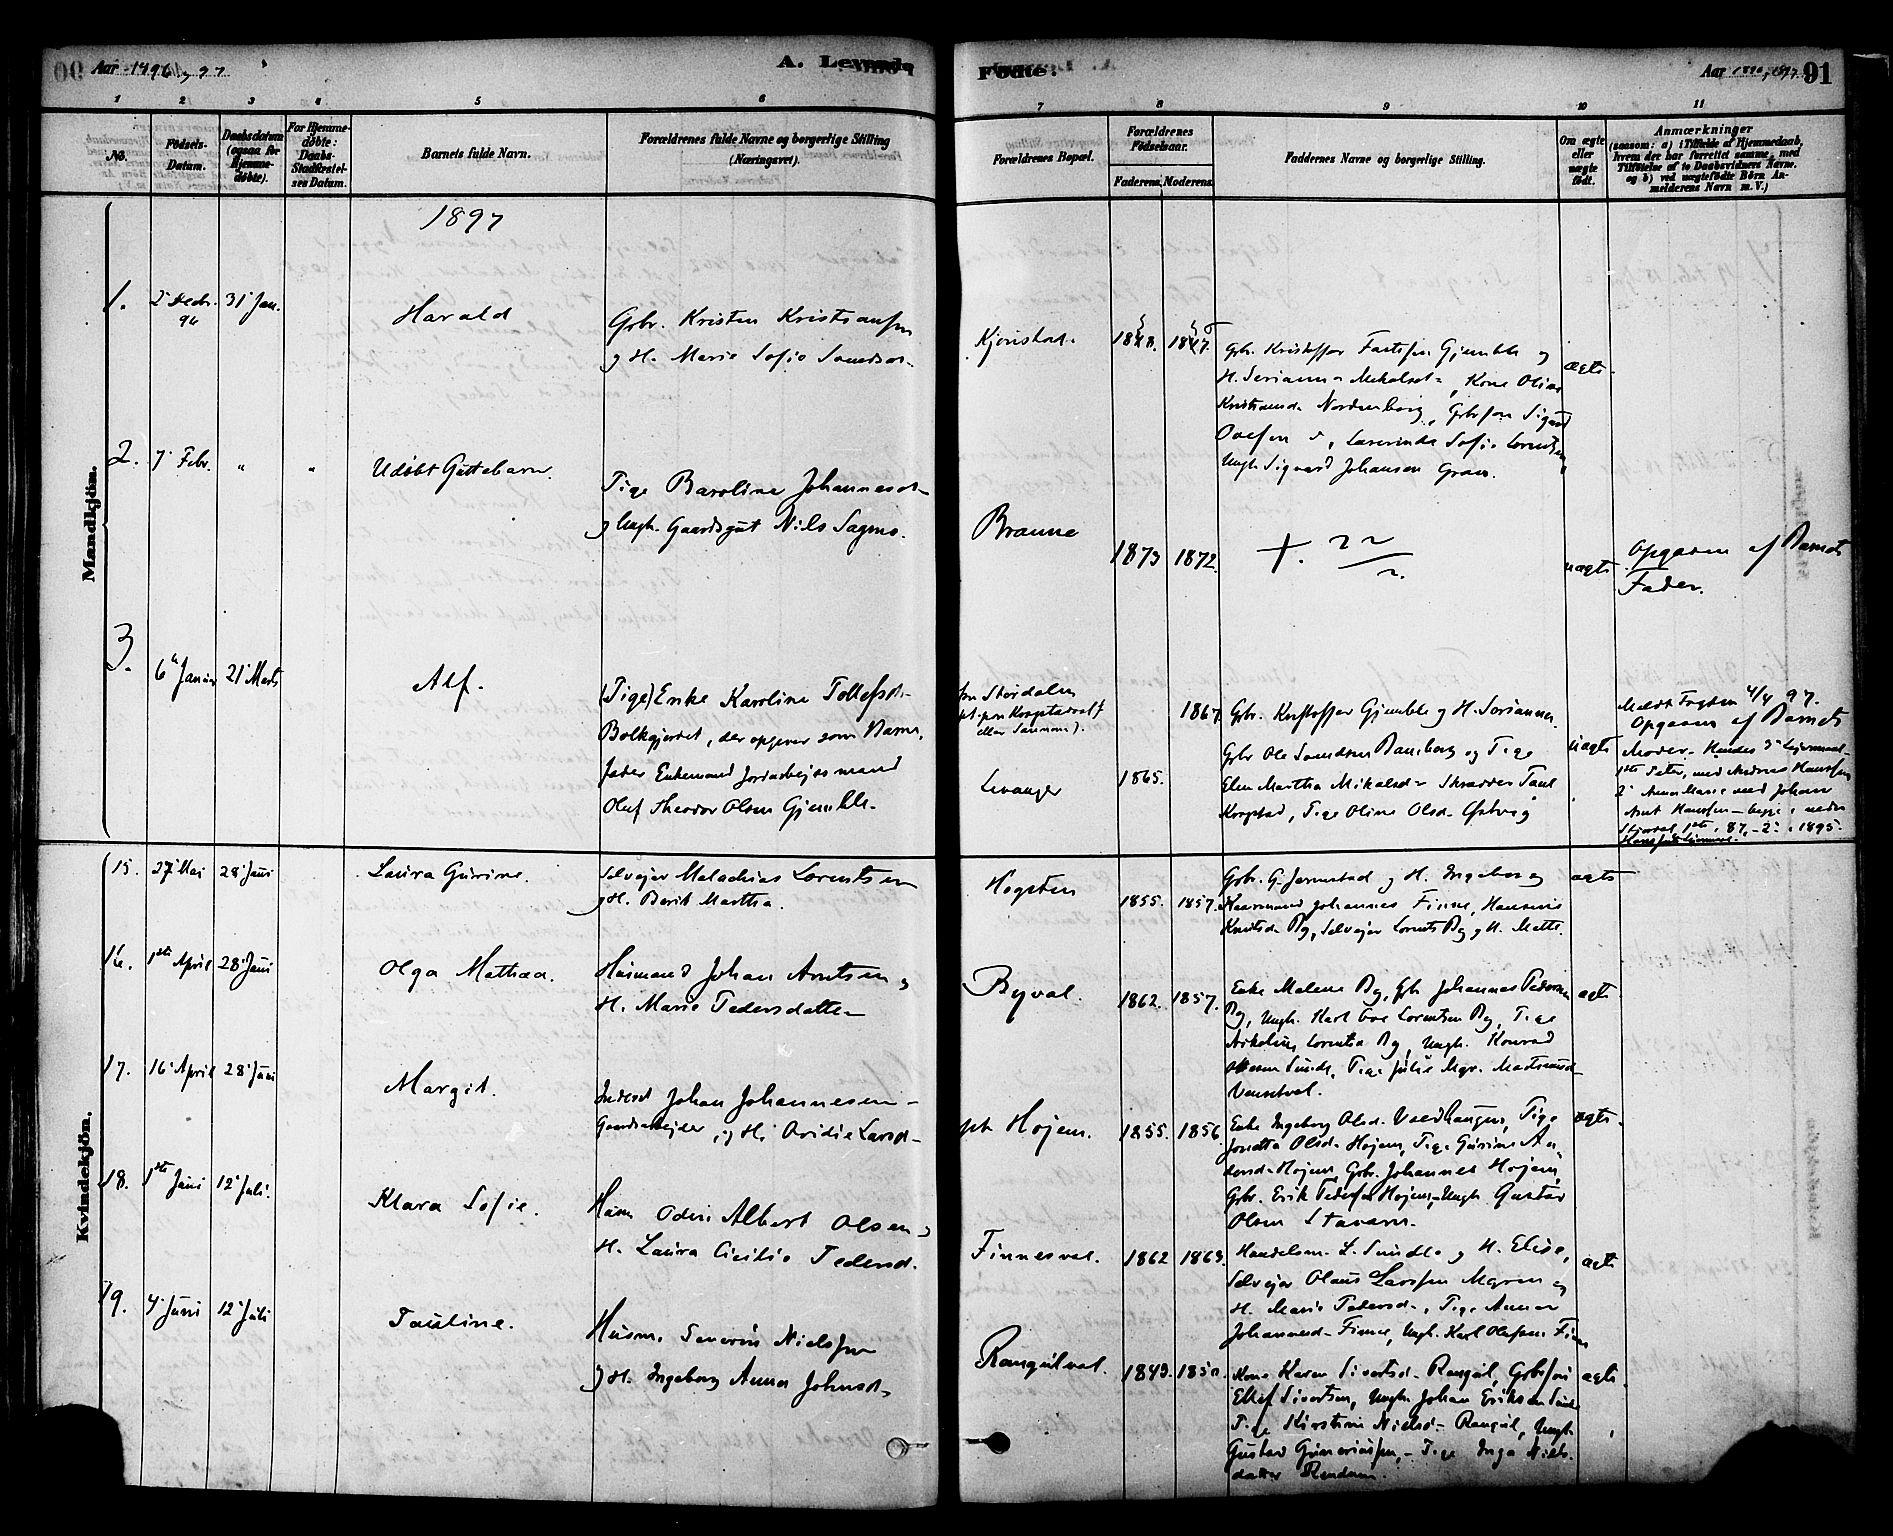 SAT, Ministerialprotokoller, klokkerbøker og fødselsregistre - Nord-Trøndelag, 717/L0159: Ministerialbok nr. 717A09, 1878-1898, s. 91